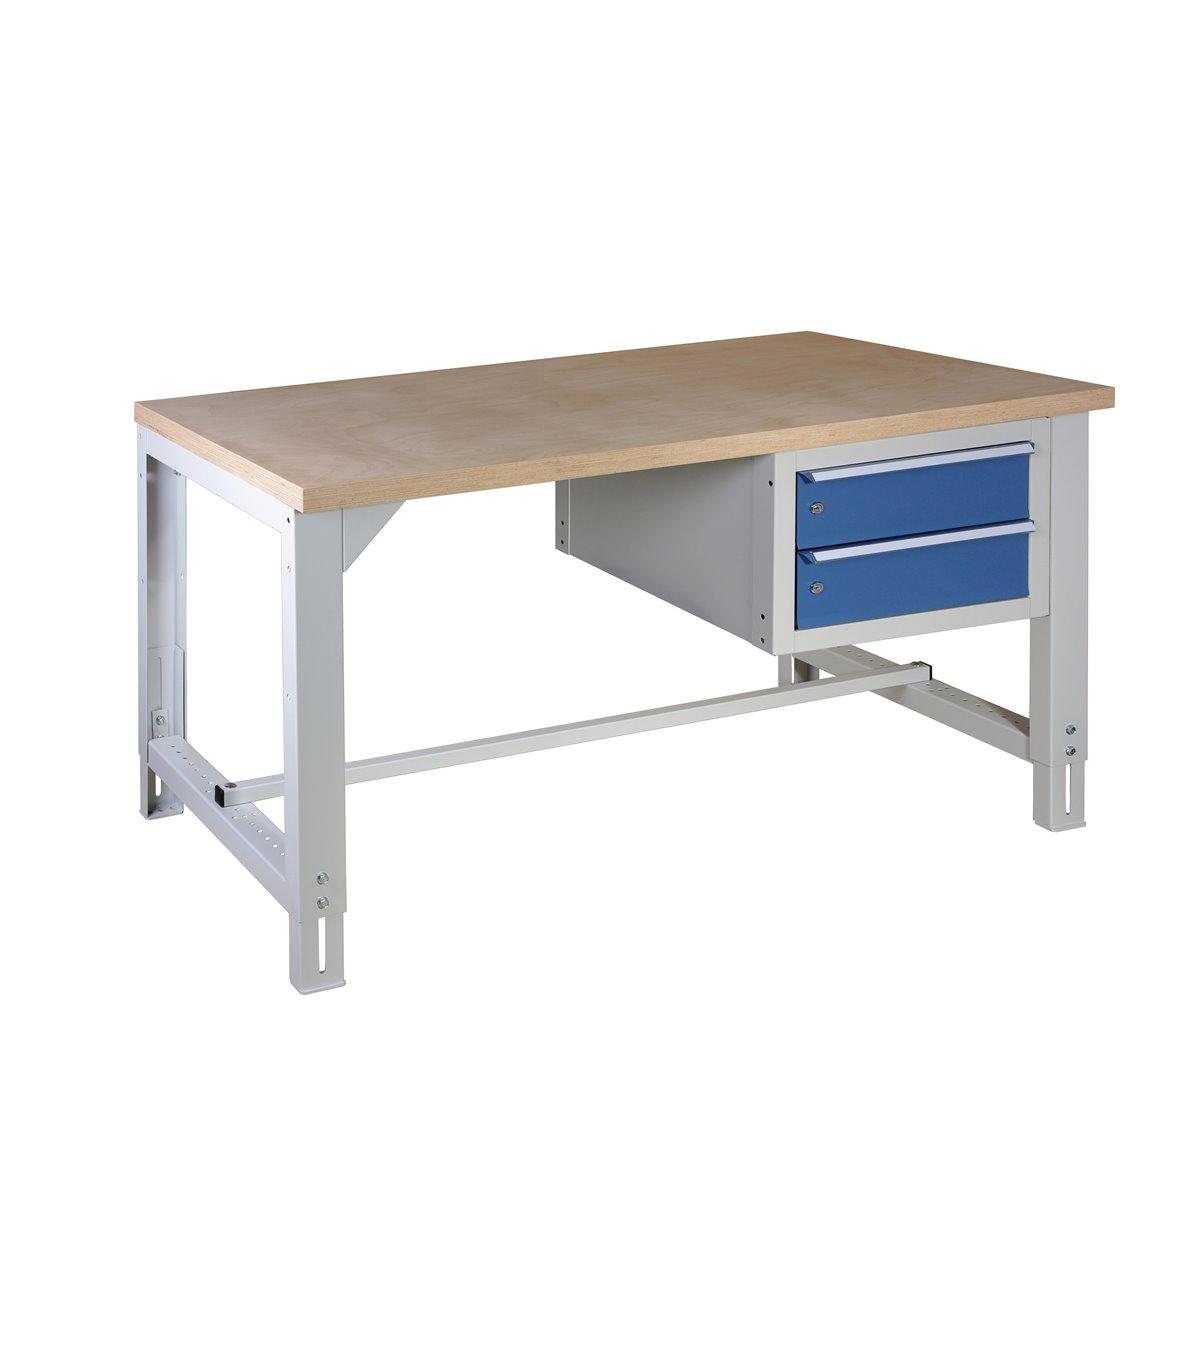 Table tabli r glable en hauteur avec 2 tiroirs - Table de travail reglable en hauteur ...